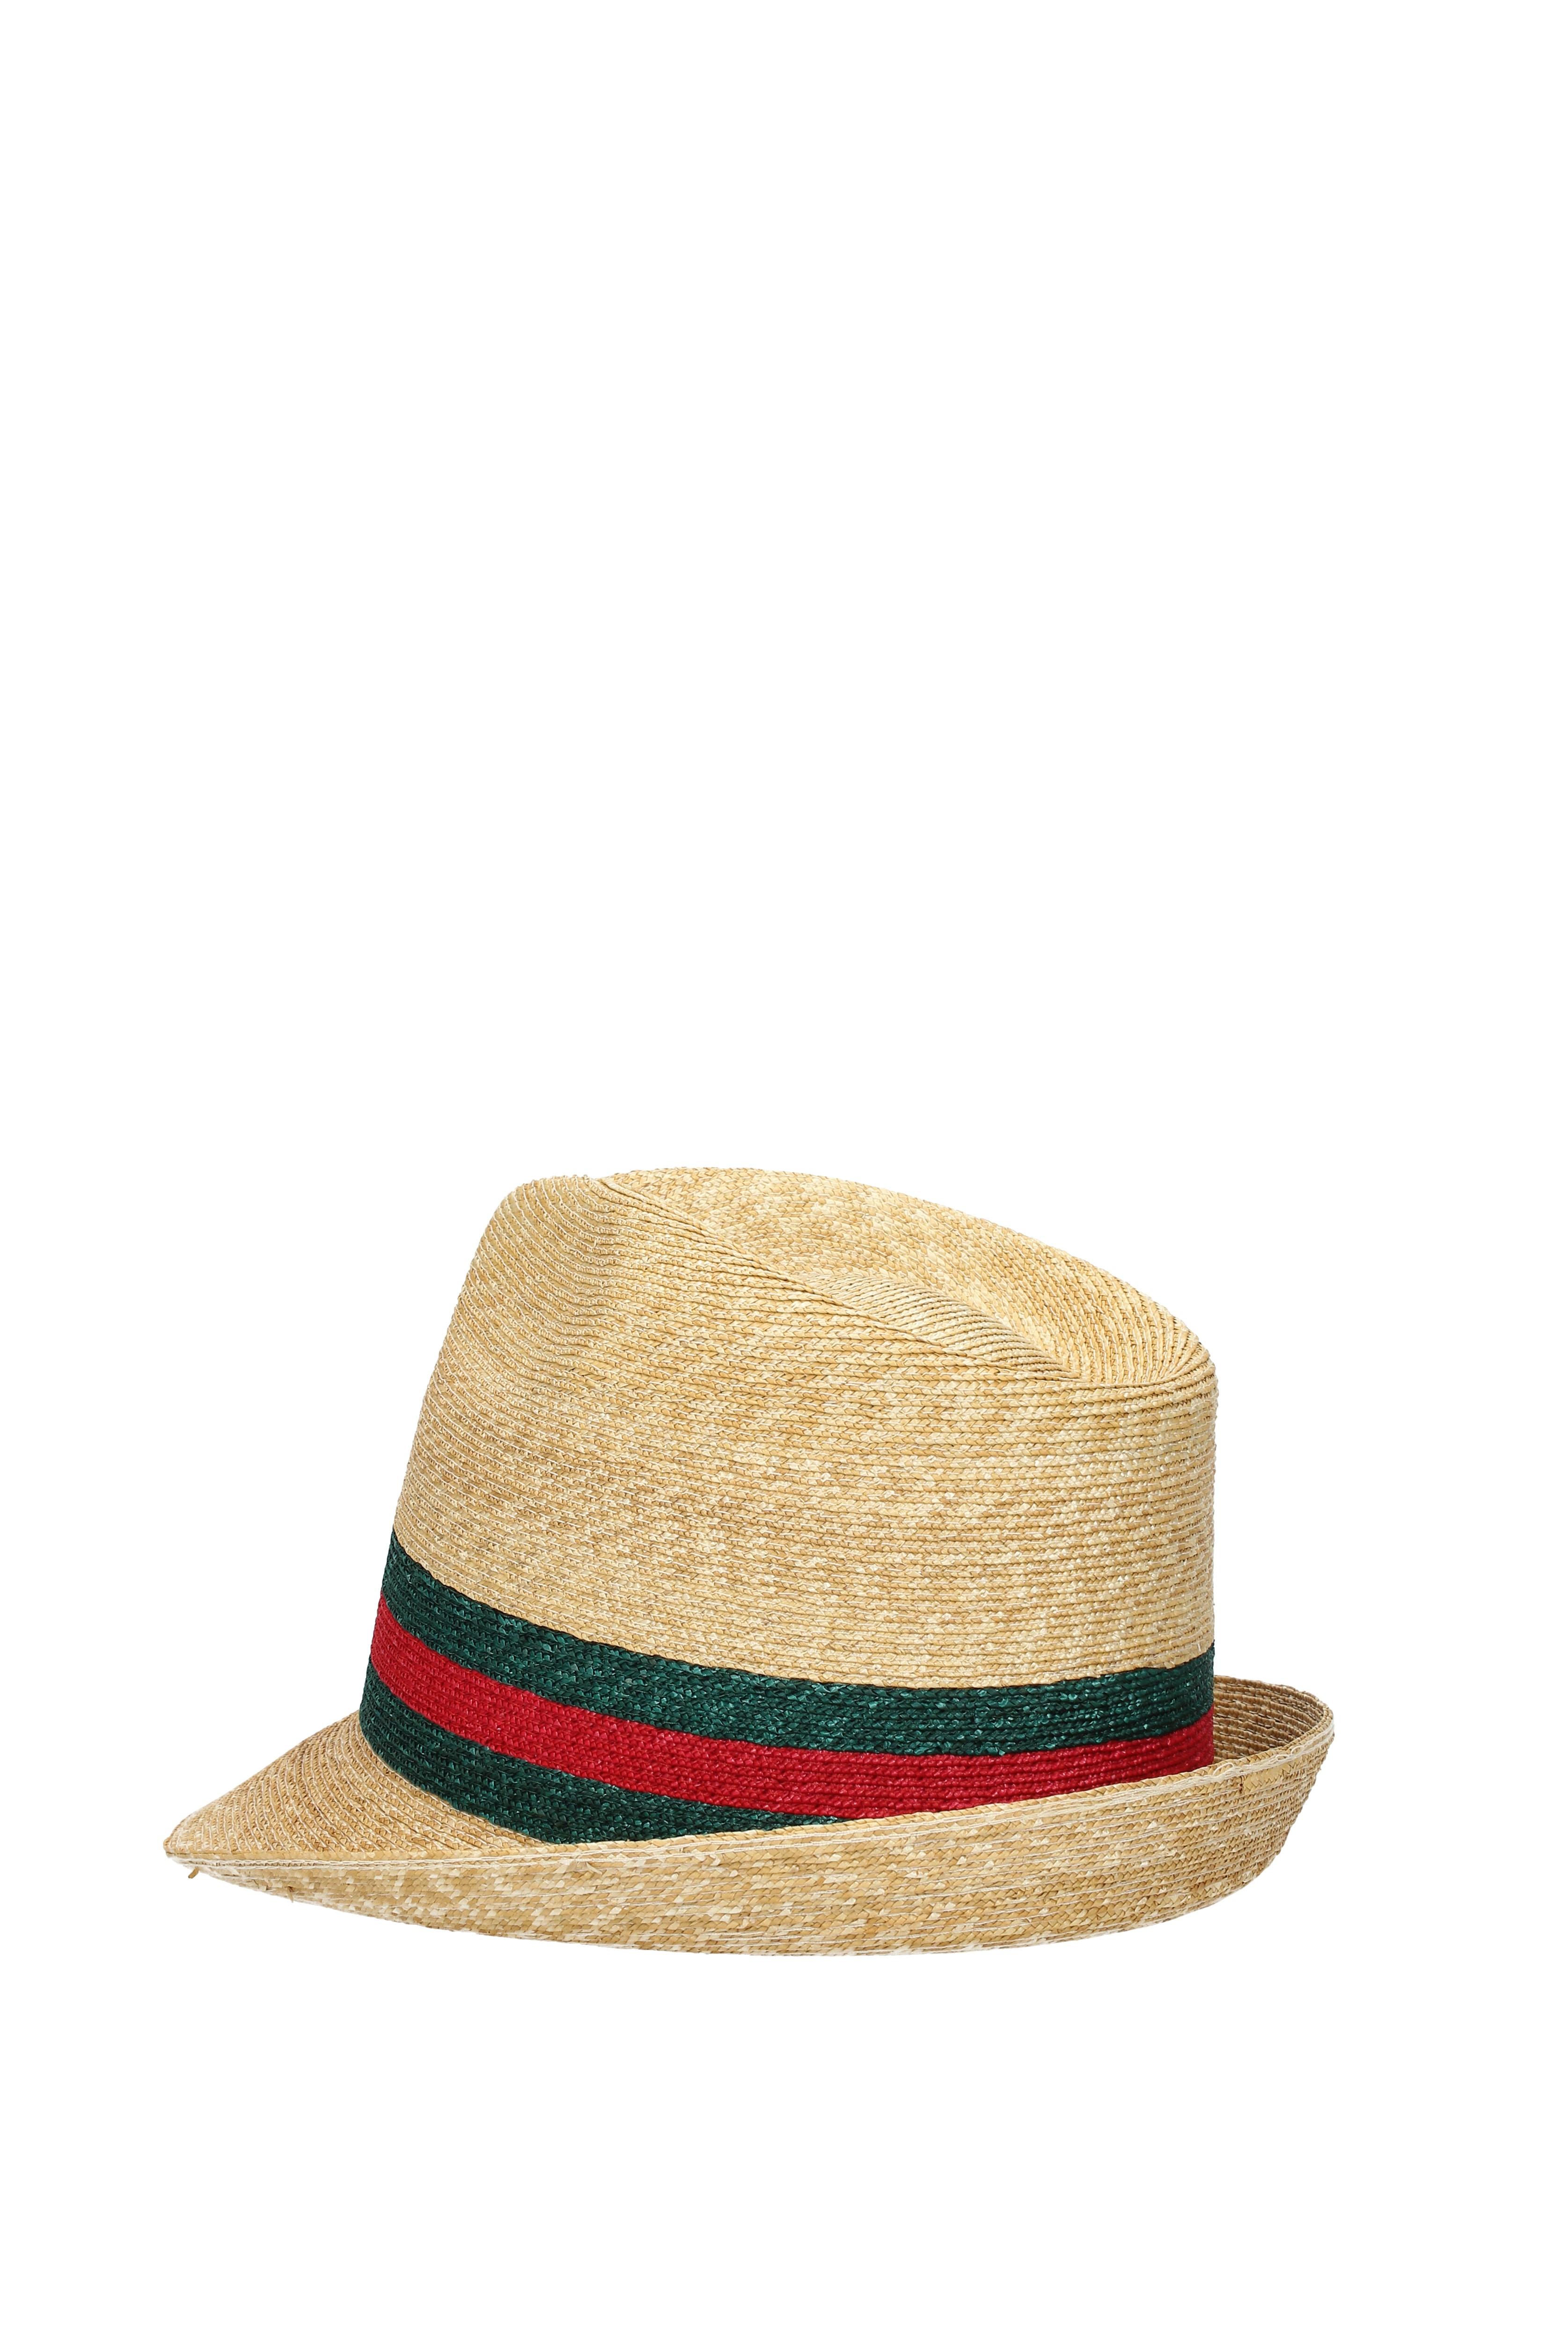 d1cc28fbc07 Hats-Gucci-Unisex-Straw-434760K0M00 thumbnail 4